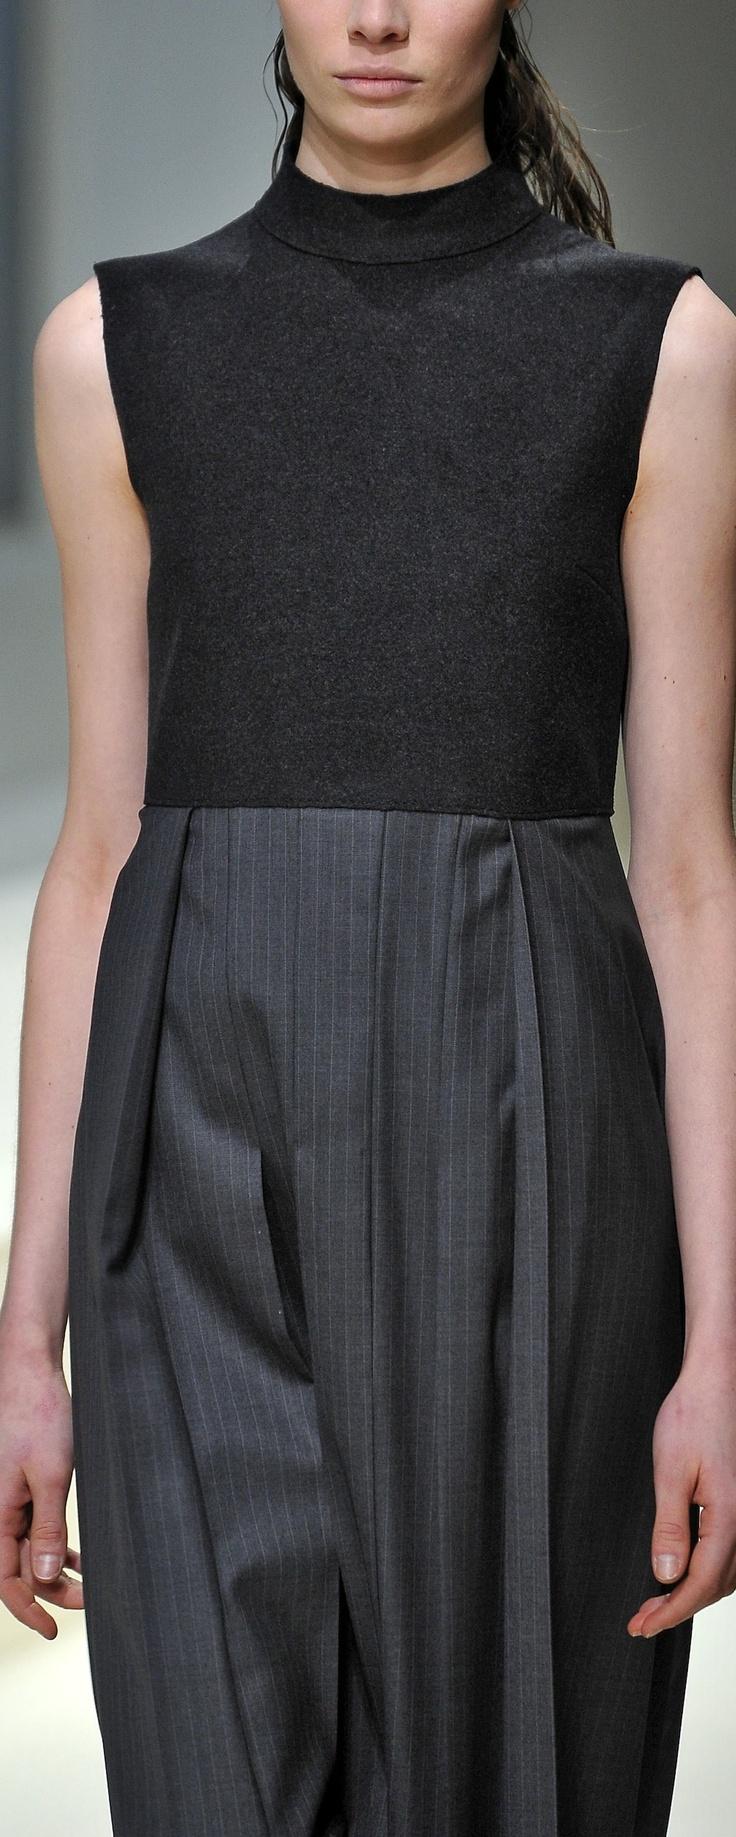 #Ter et #Bantine  - #Milan #Fashion #Week #FW13/14